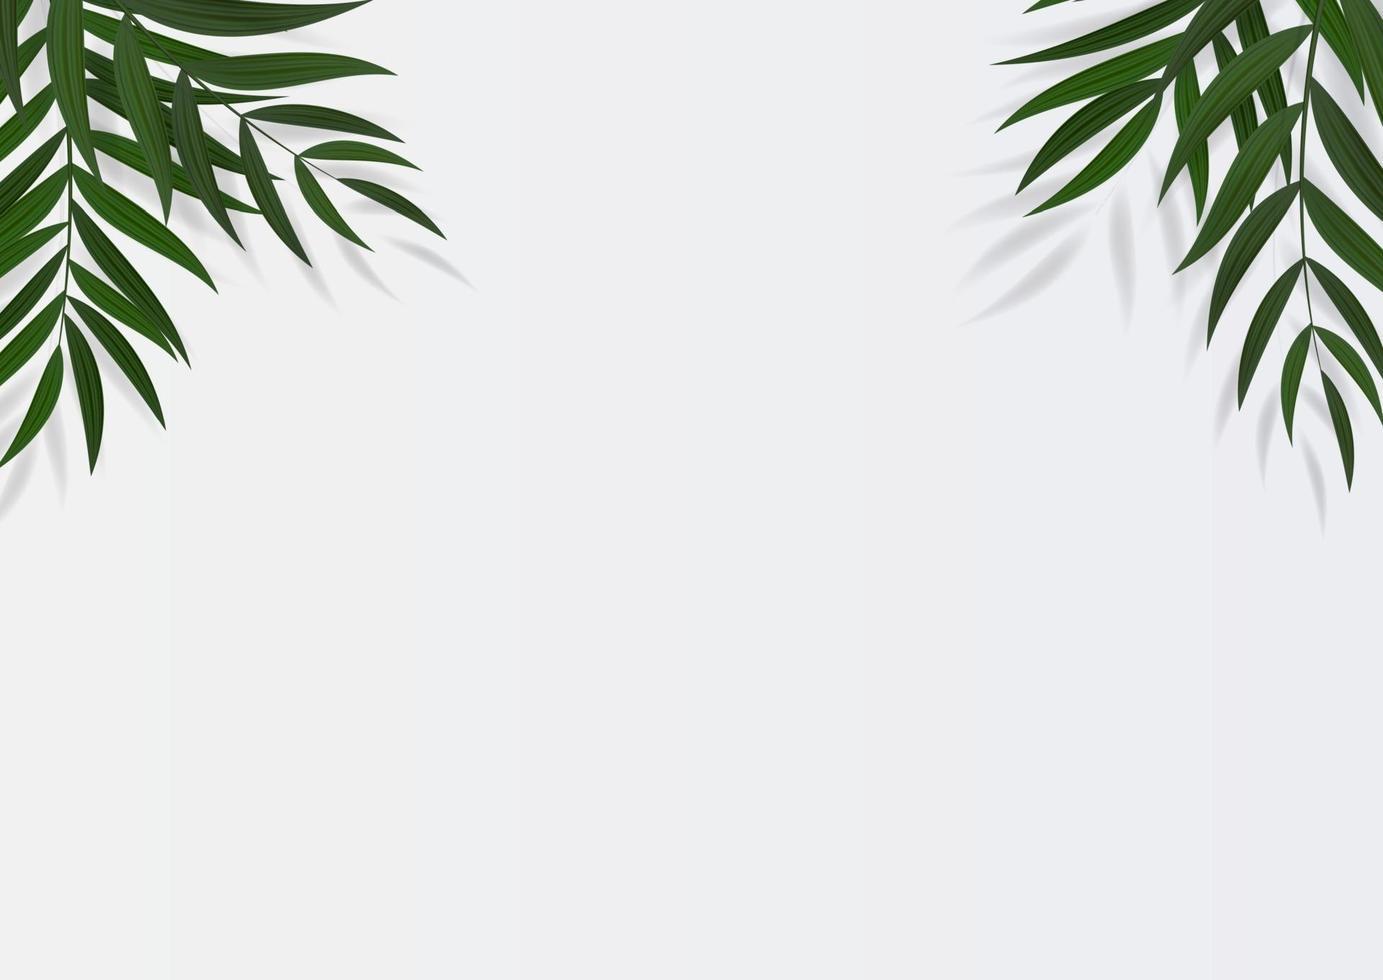 abstrakte realistische grüne tropische Palmblätter. Vektorillustration mit Kopierraum vektor